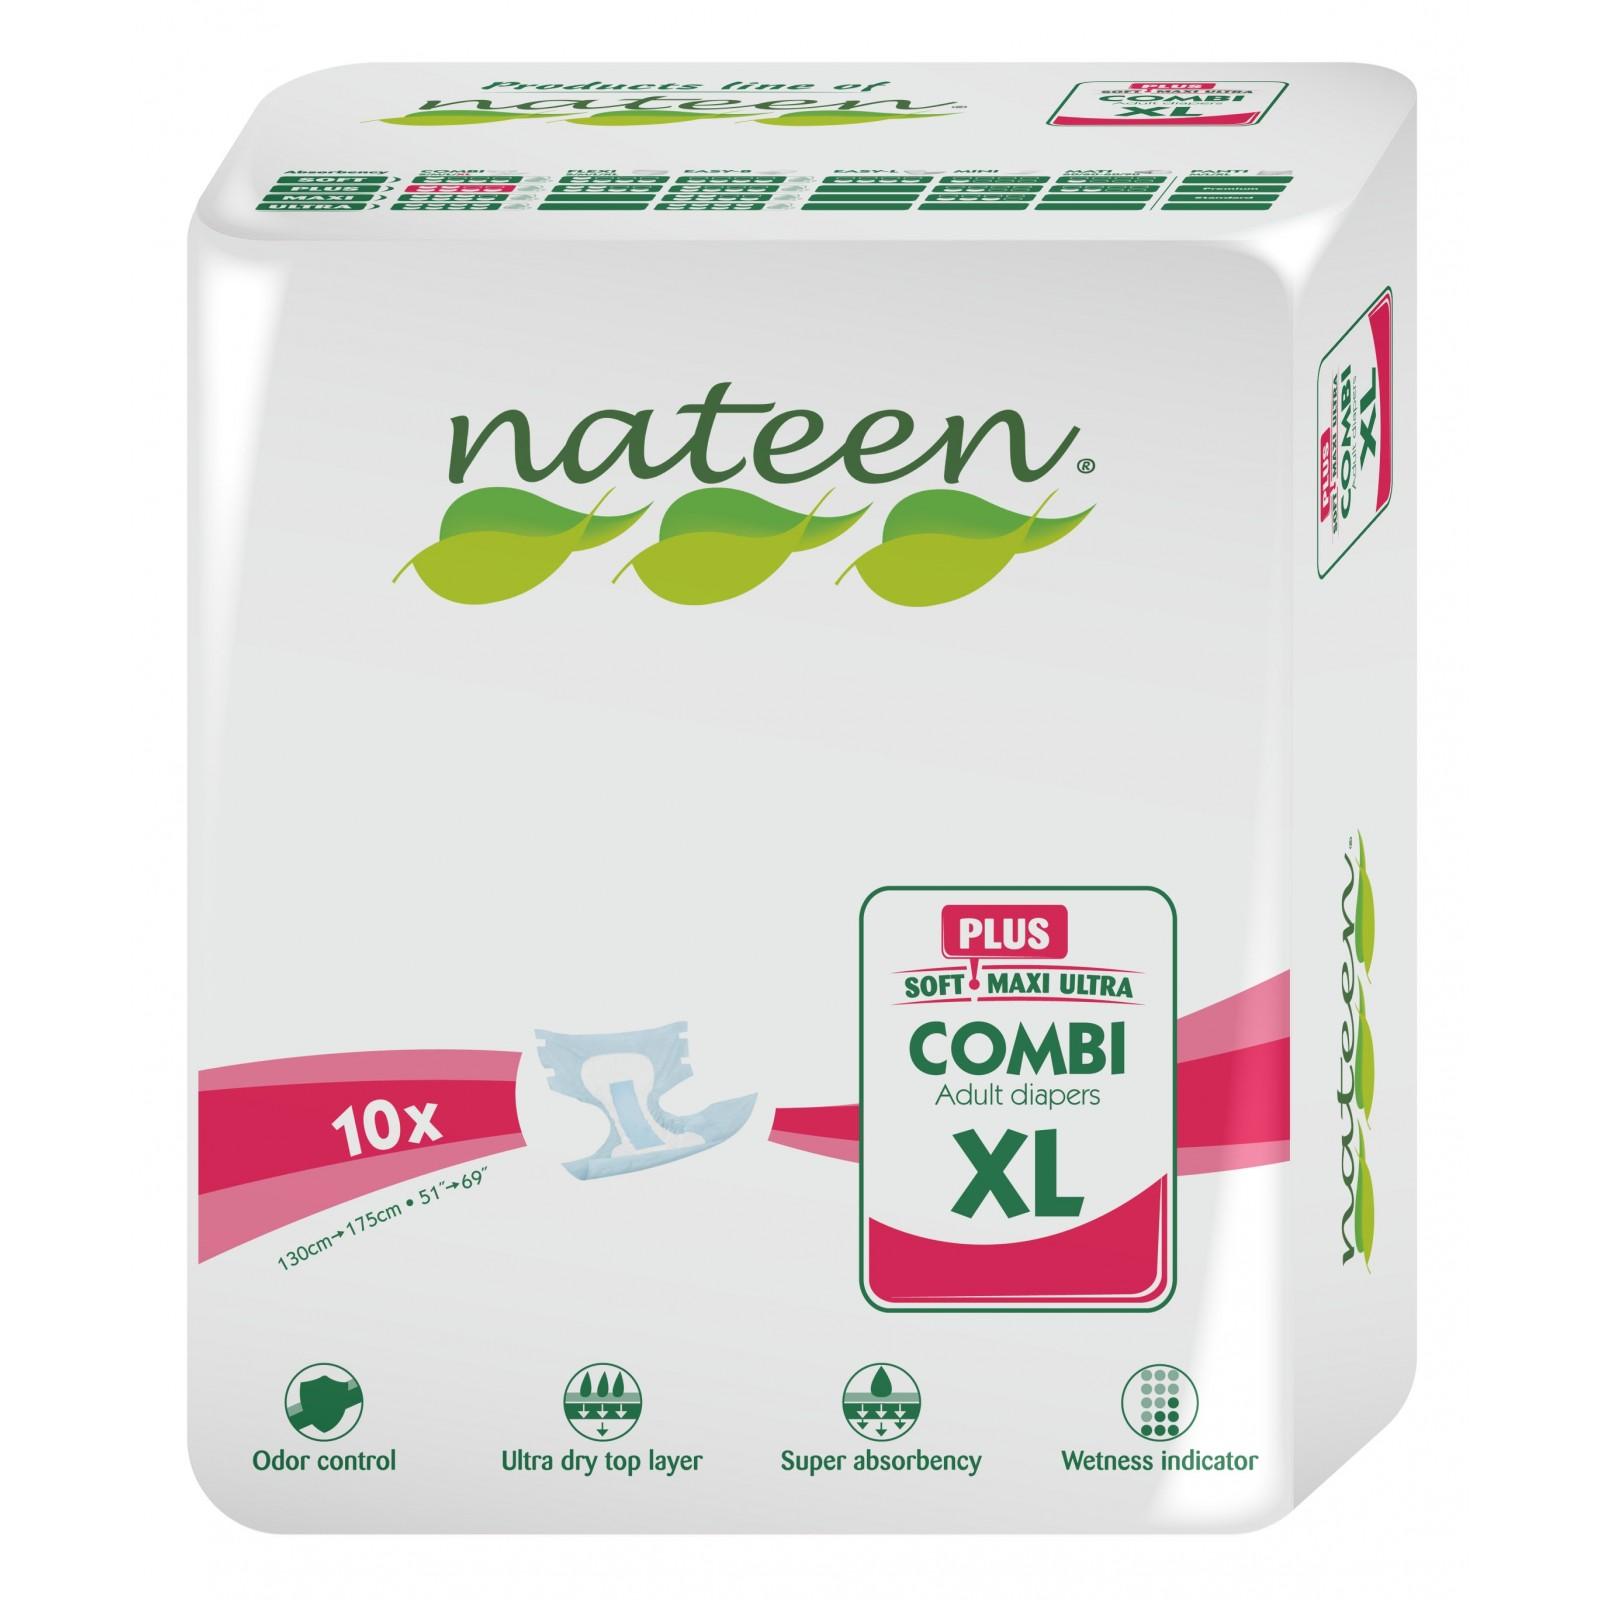 Nateen Combi Plus XL| SenUp.com